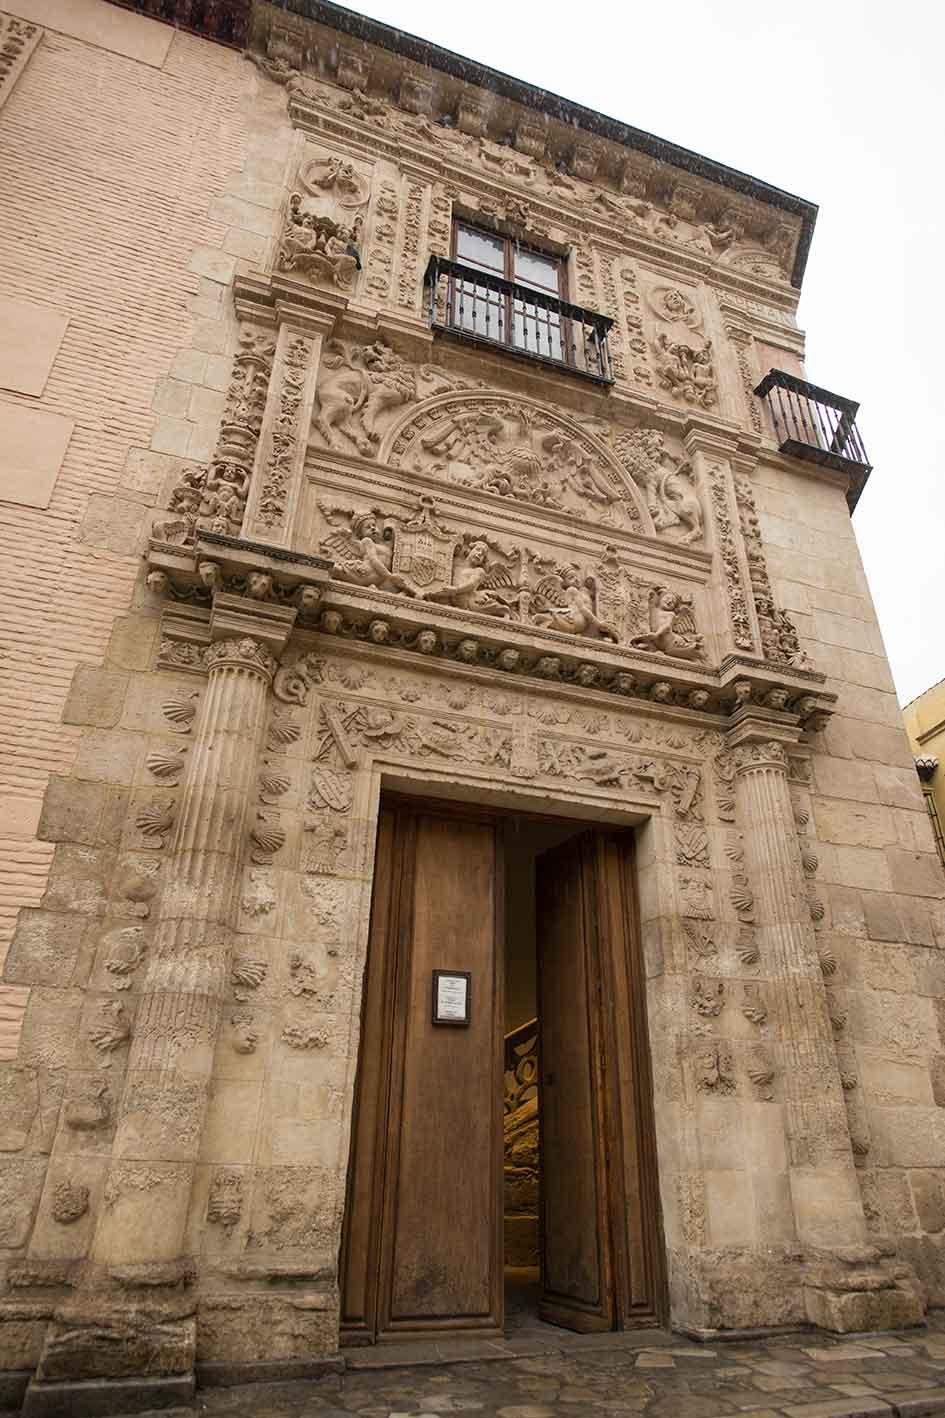 Fachada de la Casa de Castril (en la Carrera del Darro, Bajo Albaicín), construida en 1539 por Sebastián de Alcántara, sede del Museo Arqueológico de Granada.